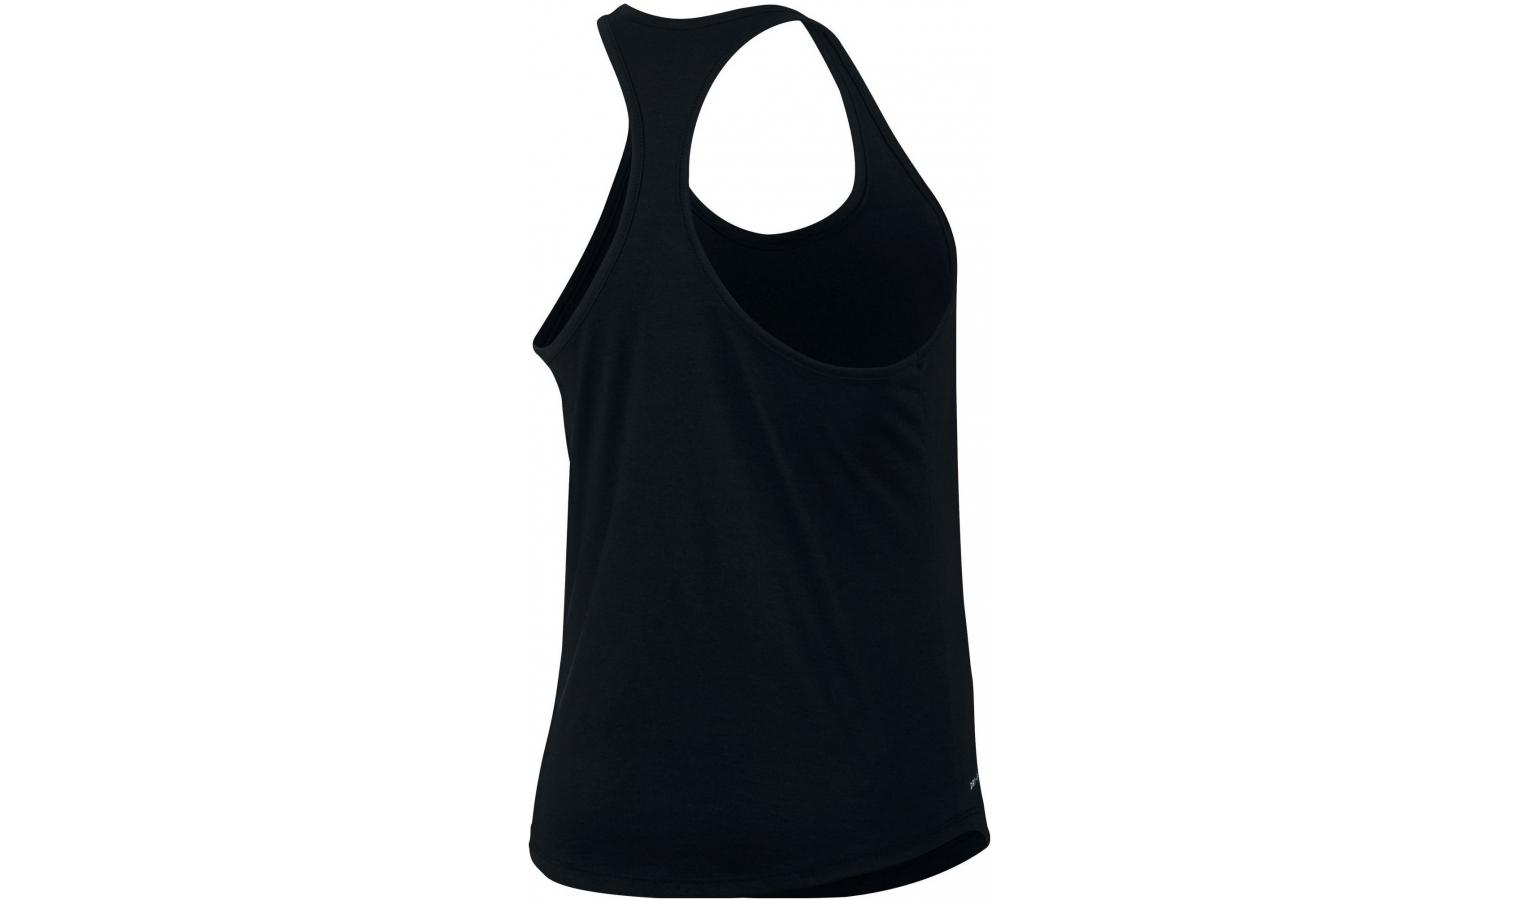 Dámské běžecké tričko Nike W NK DRY TANK DBL SWOOSH W černé  1d3e25dc4e